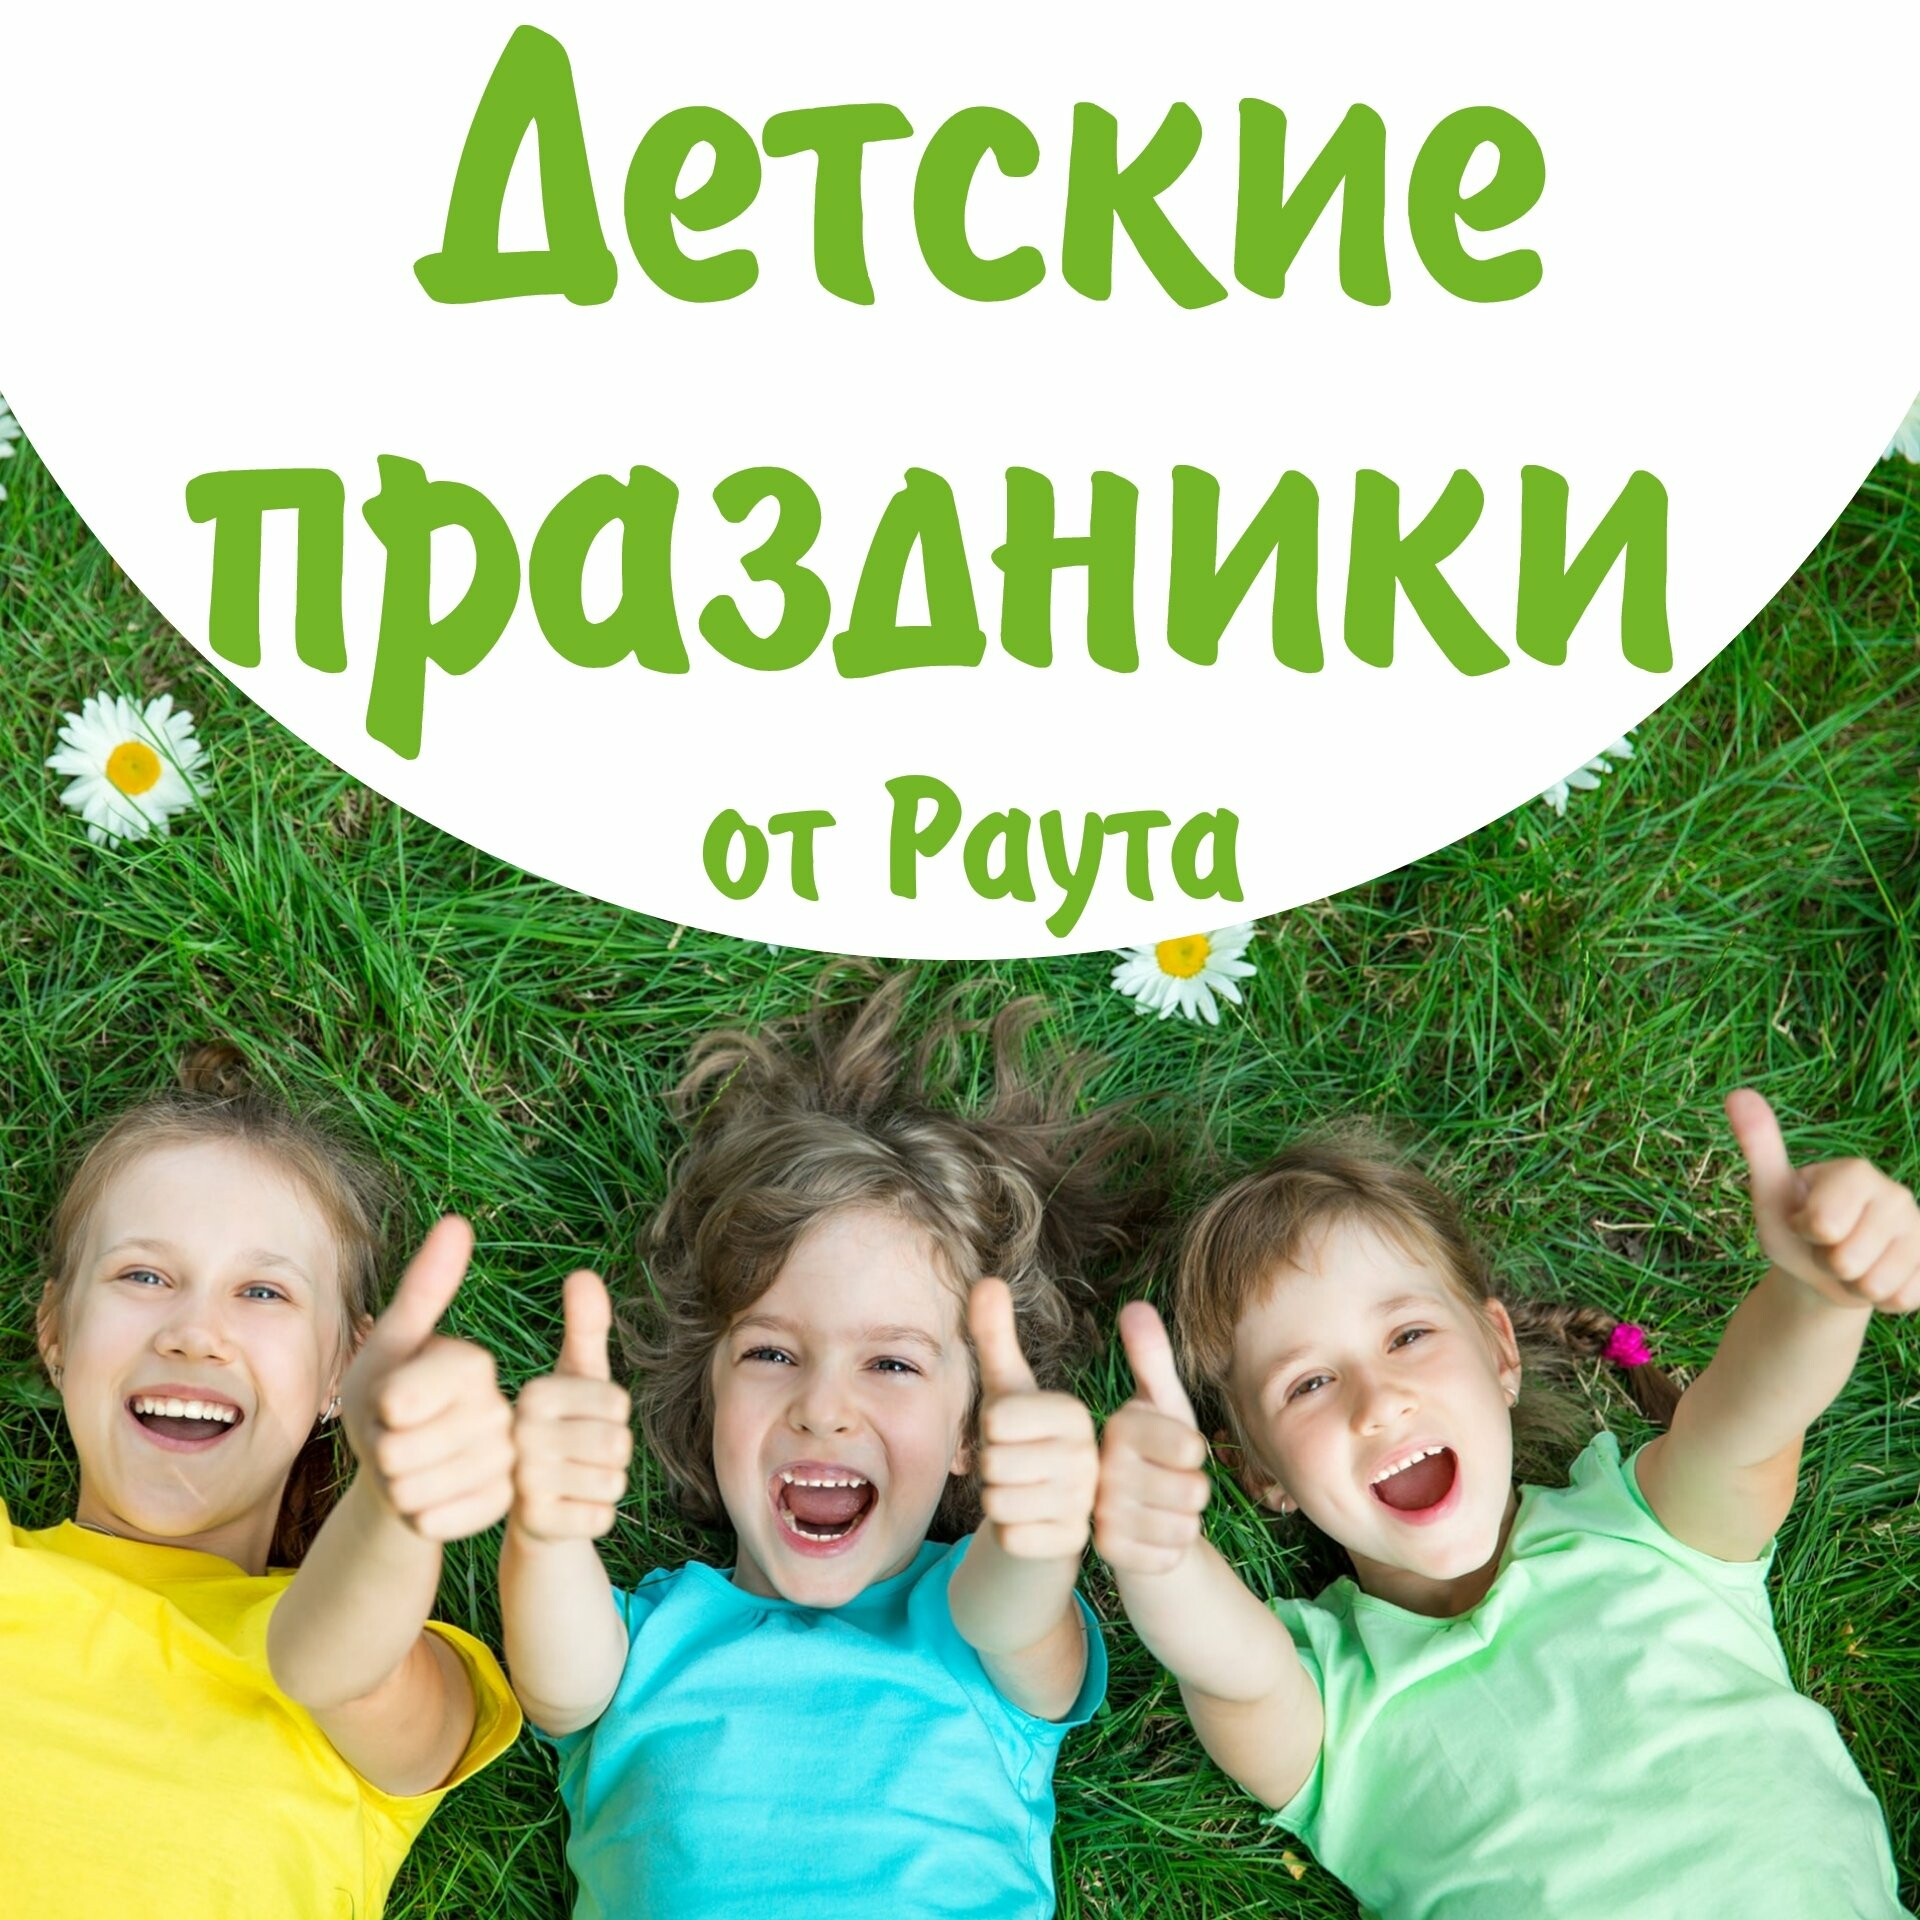 Детский день рождения в Запорожье, выпускной в Запорожье, праздник для именинника в Запорожье только у нас - ресторанный комплекс Раут г...., фото-2